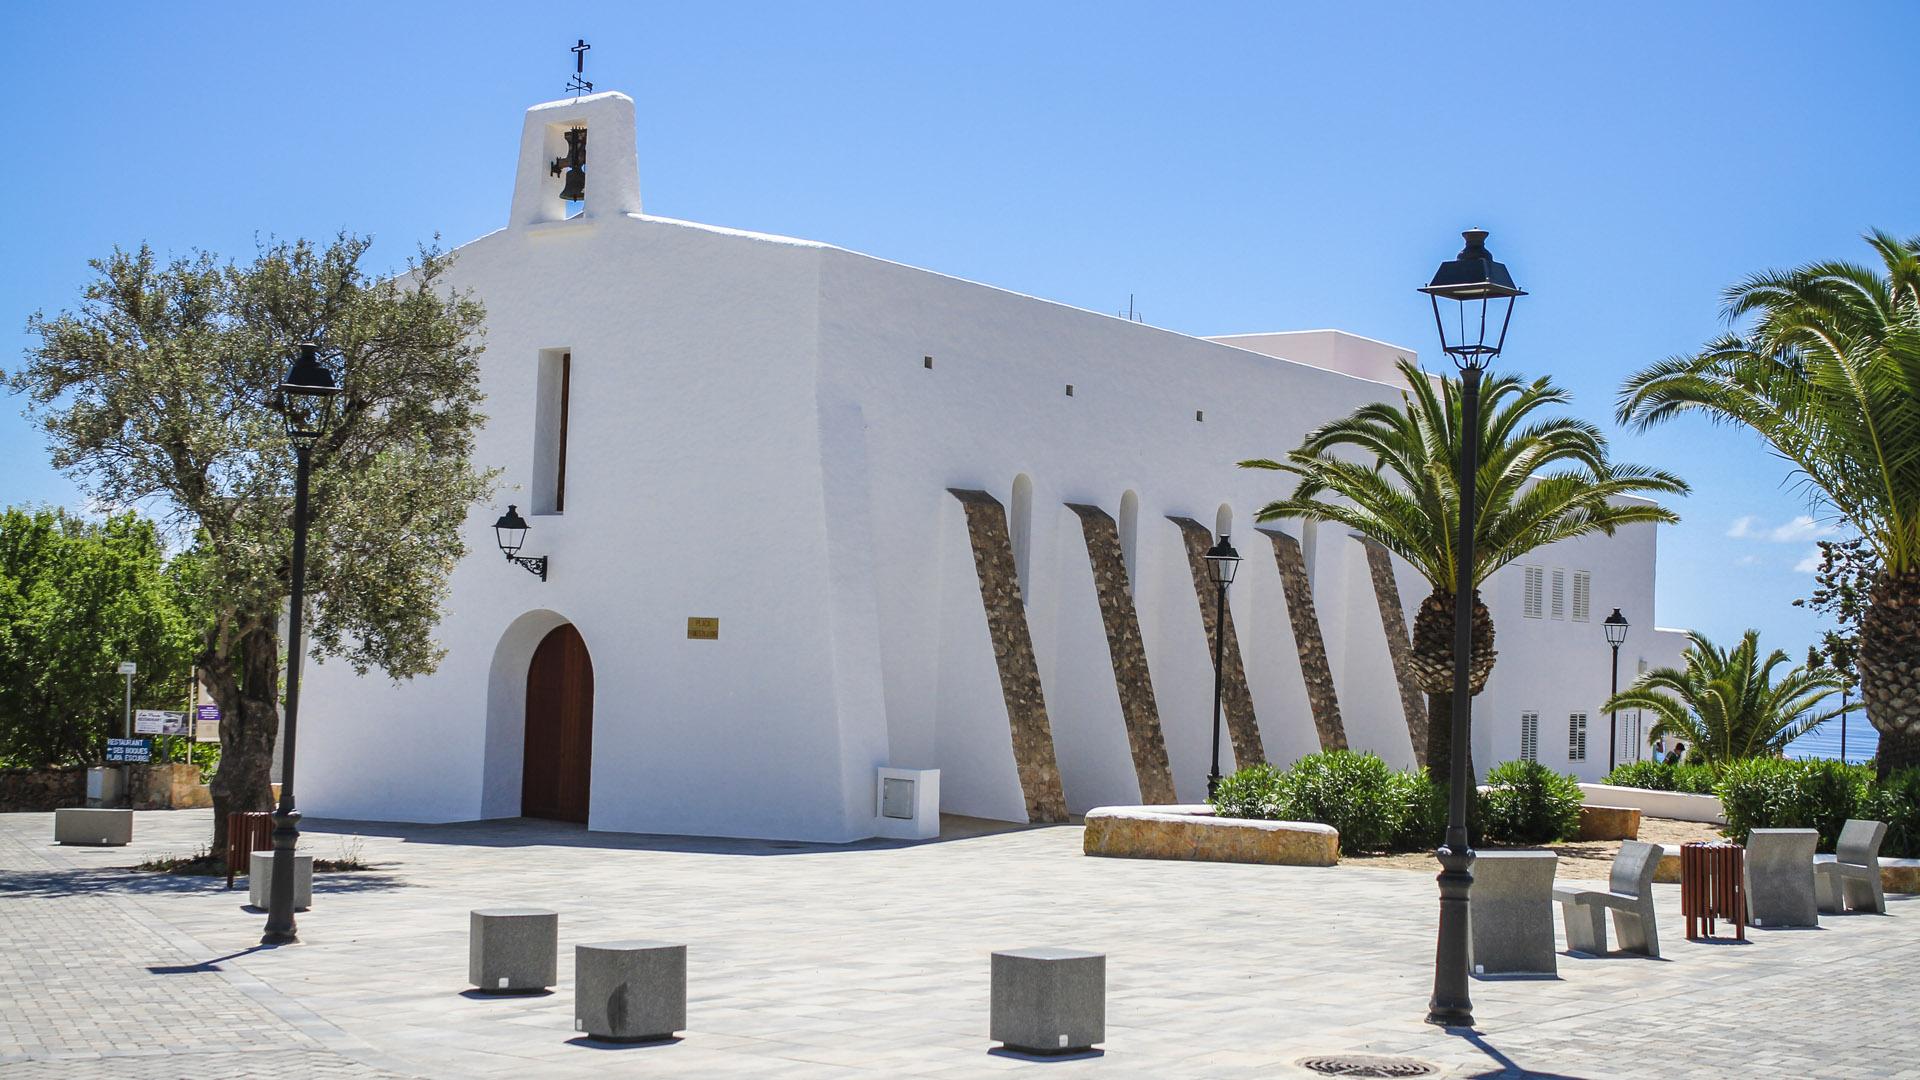 Imagen Church Mare de Déu del Carme (Iglesia de Es Cubells)